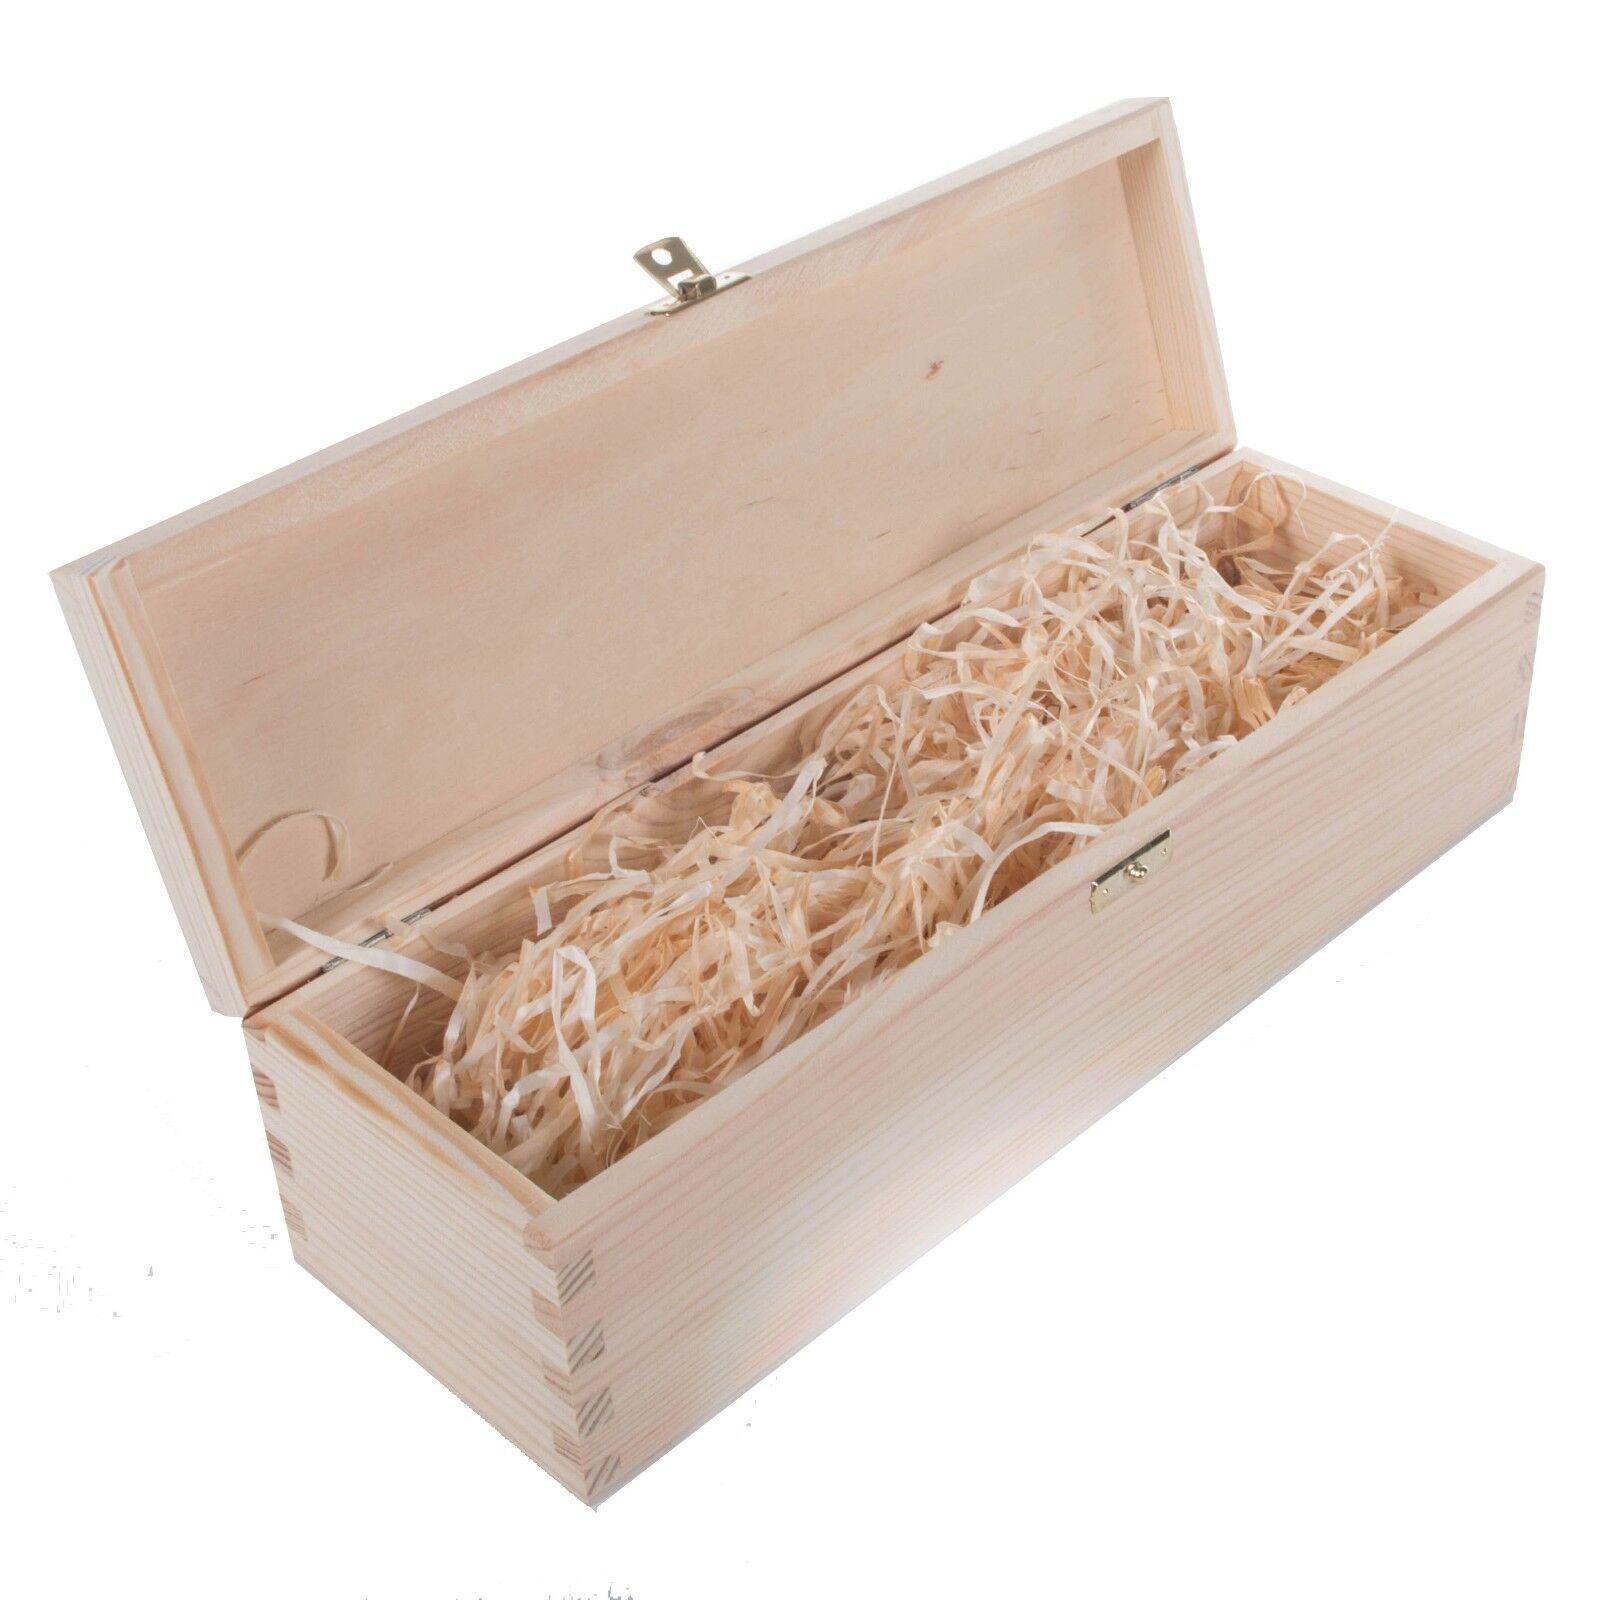 Coffret vin avec laine de bois/1/2/3 bouteilles cadeau simple en bois cadeau bouteilles Case DECOUPIS Holder 903737